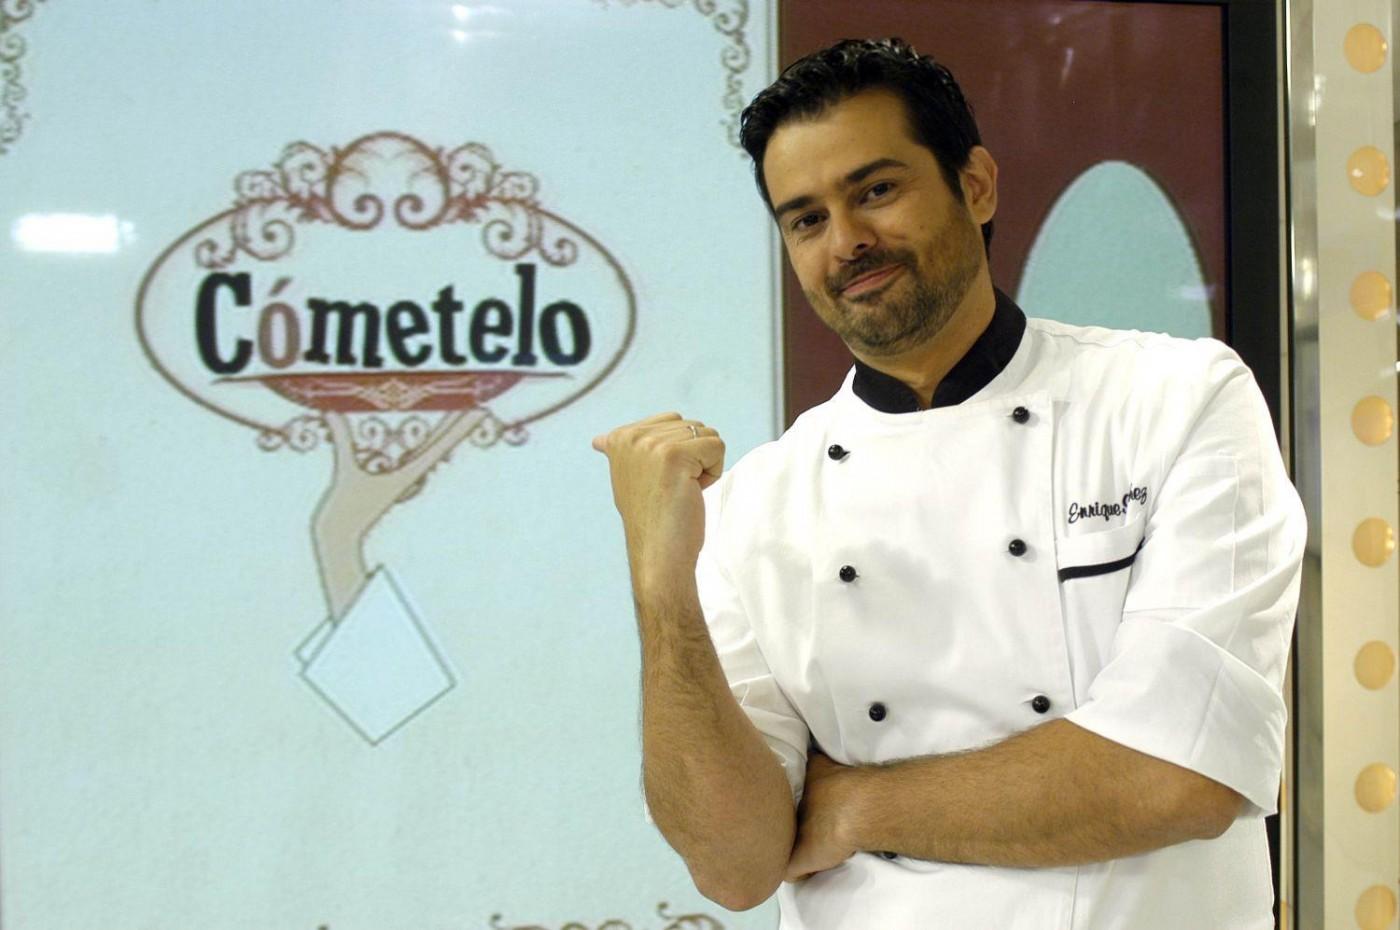 Canal sur emite la actuaci n del chef enrique s nchez en la iii jornada de la habichuela - La cocina de cometelo ...